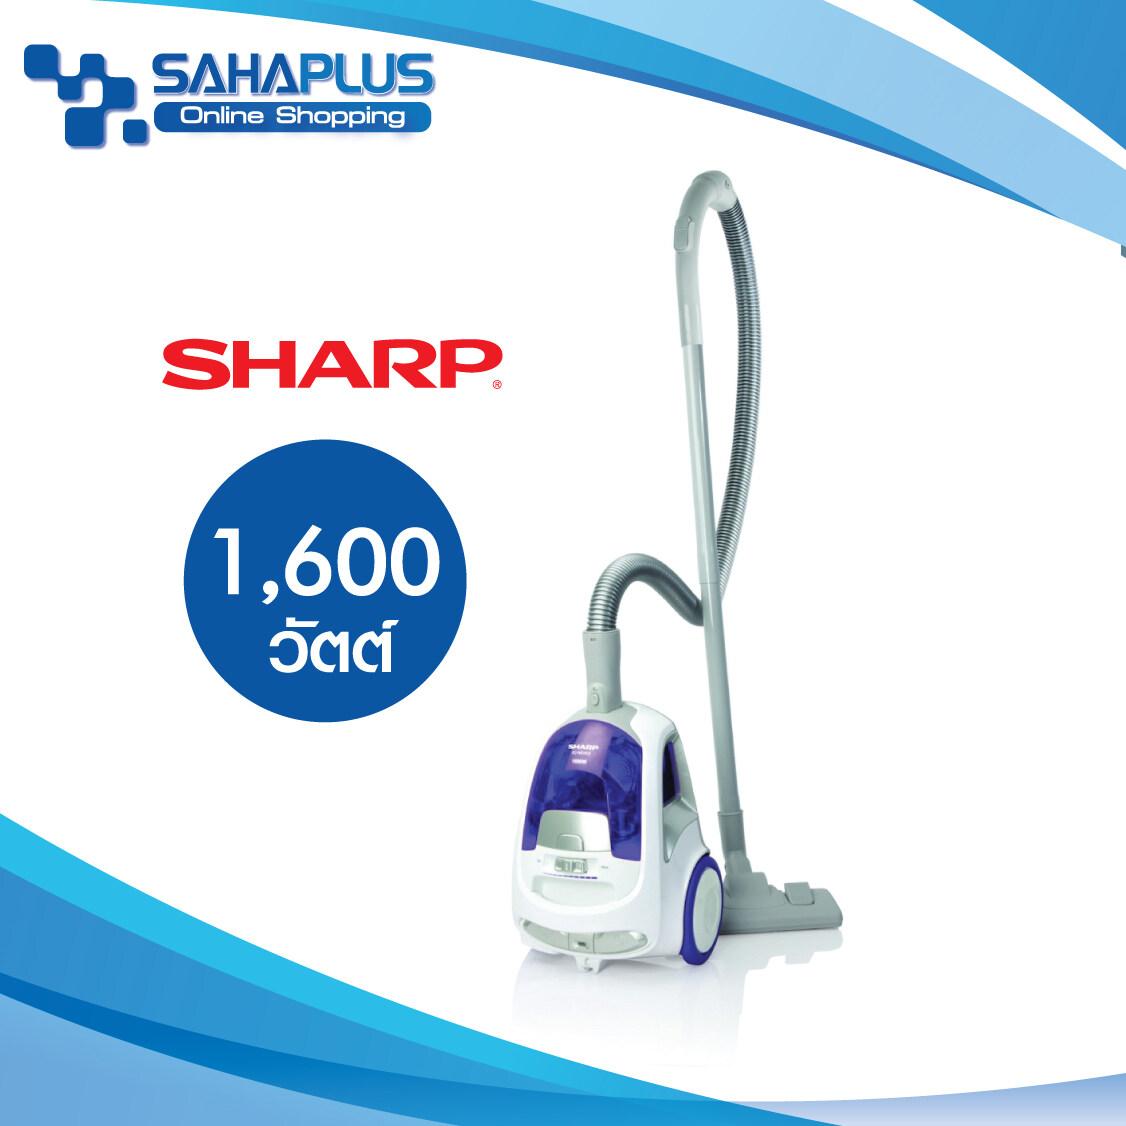 เครื่องดูดฝุ่น Sharp รุ่น EC-NS16-R/V ขนาด 1,600 W ( รับประกันสินค้า 1 ปี )